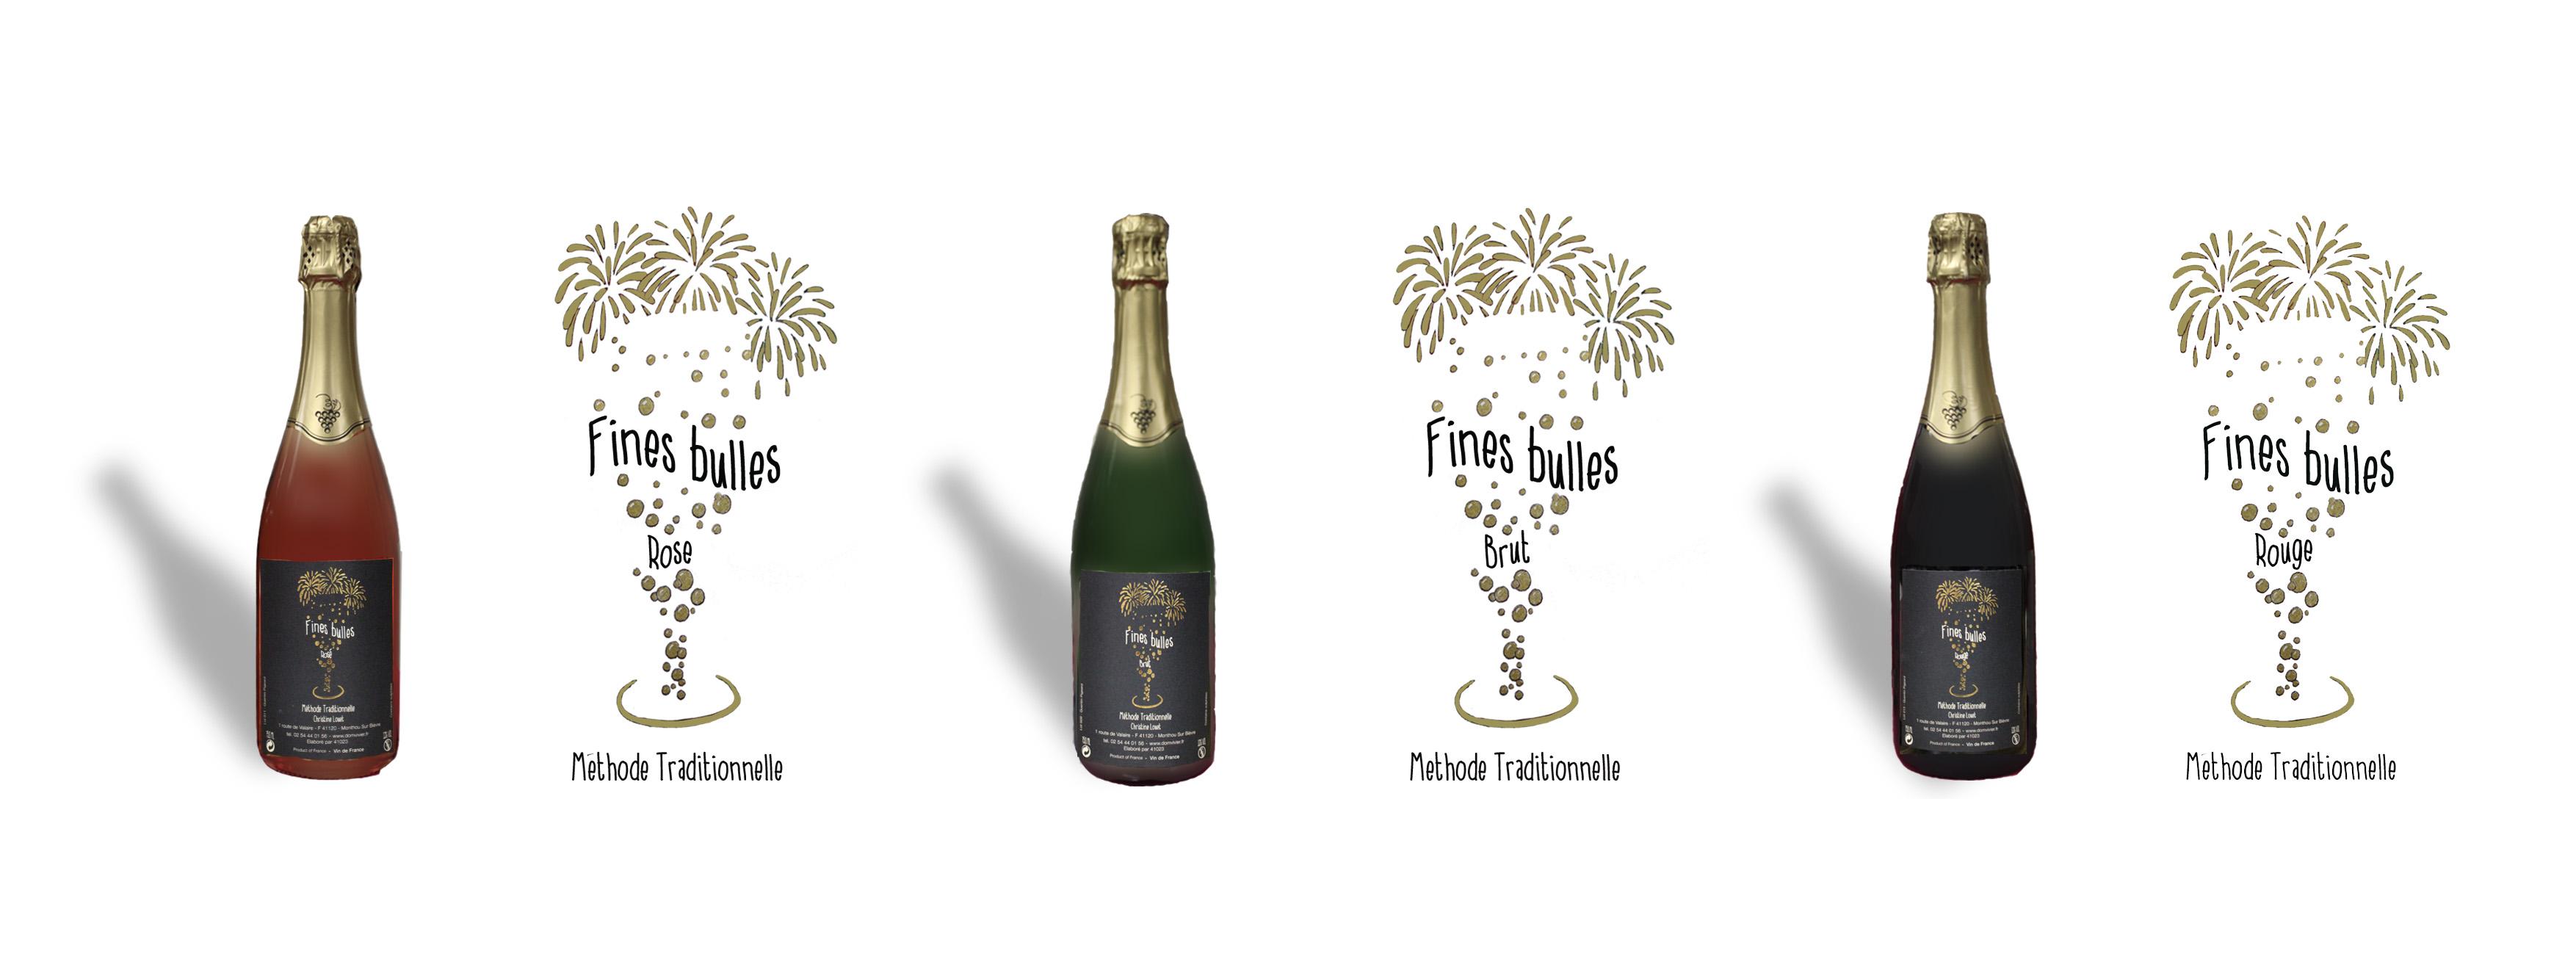 bouteilles fines bulles2